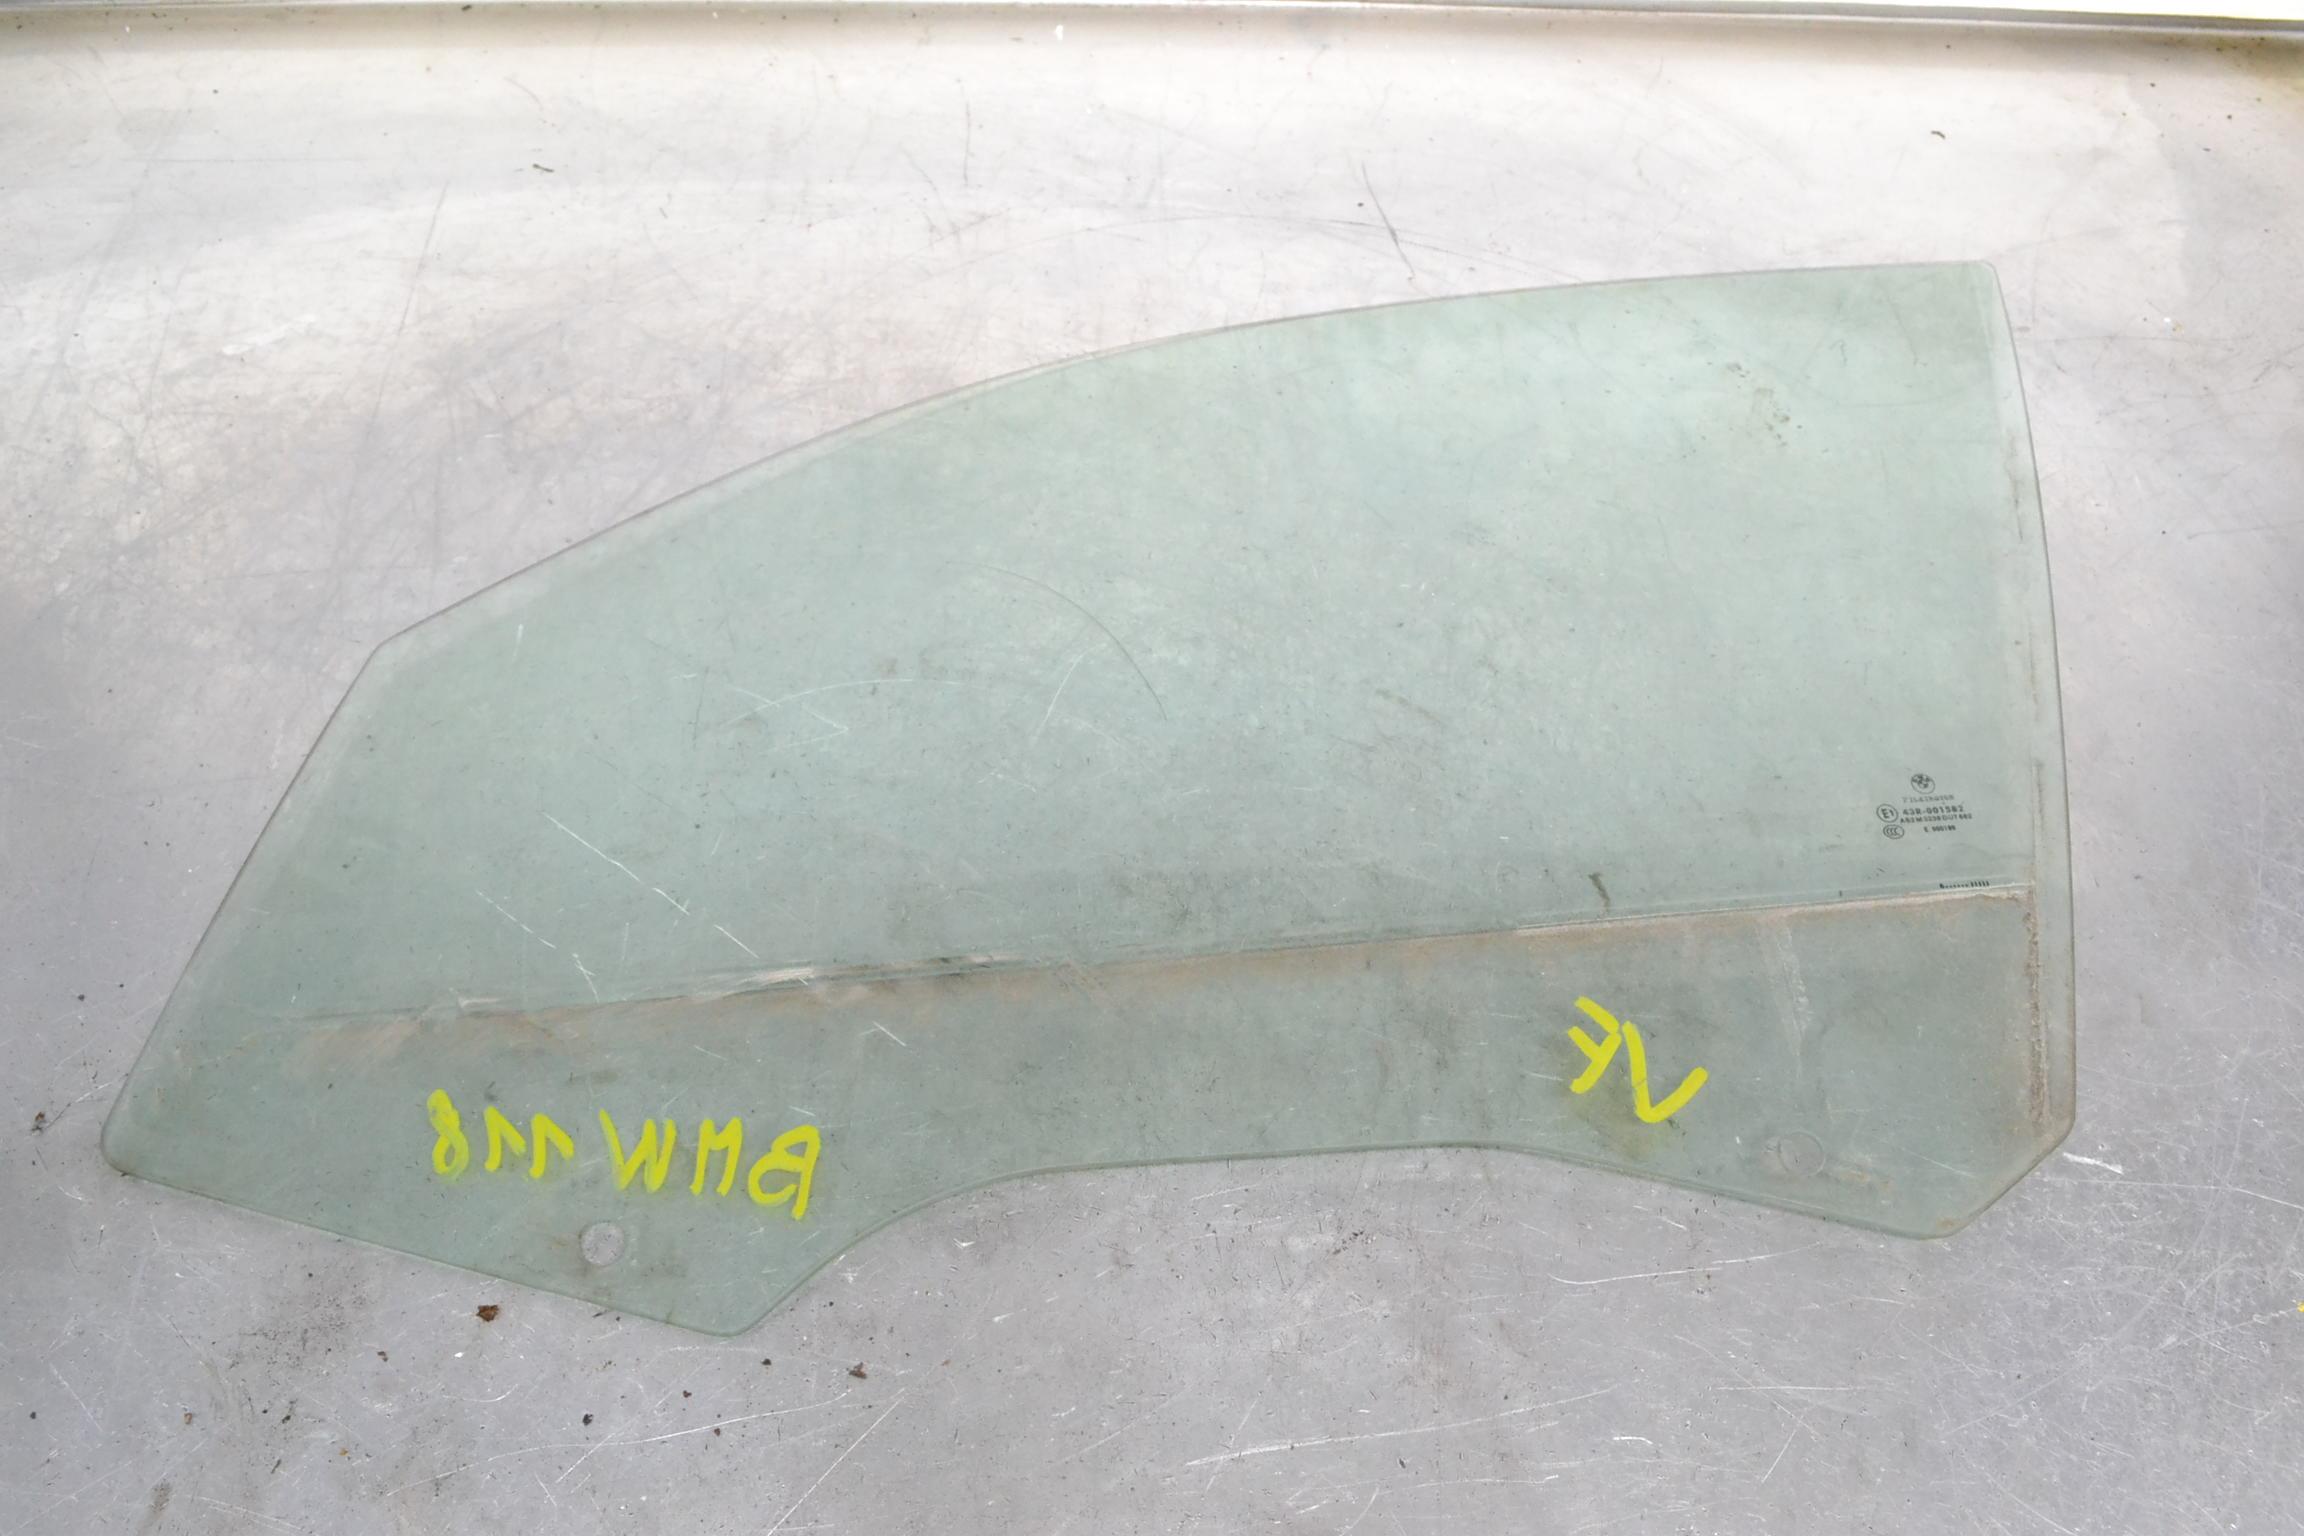 Dörruta fram vänster image